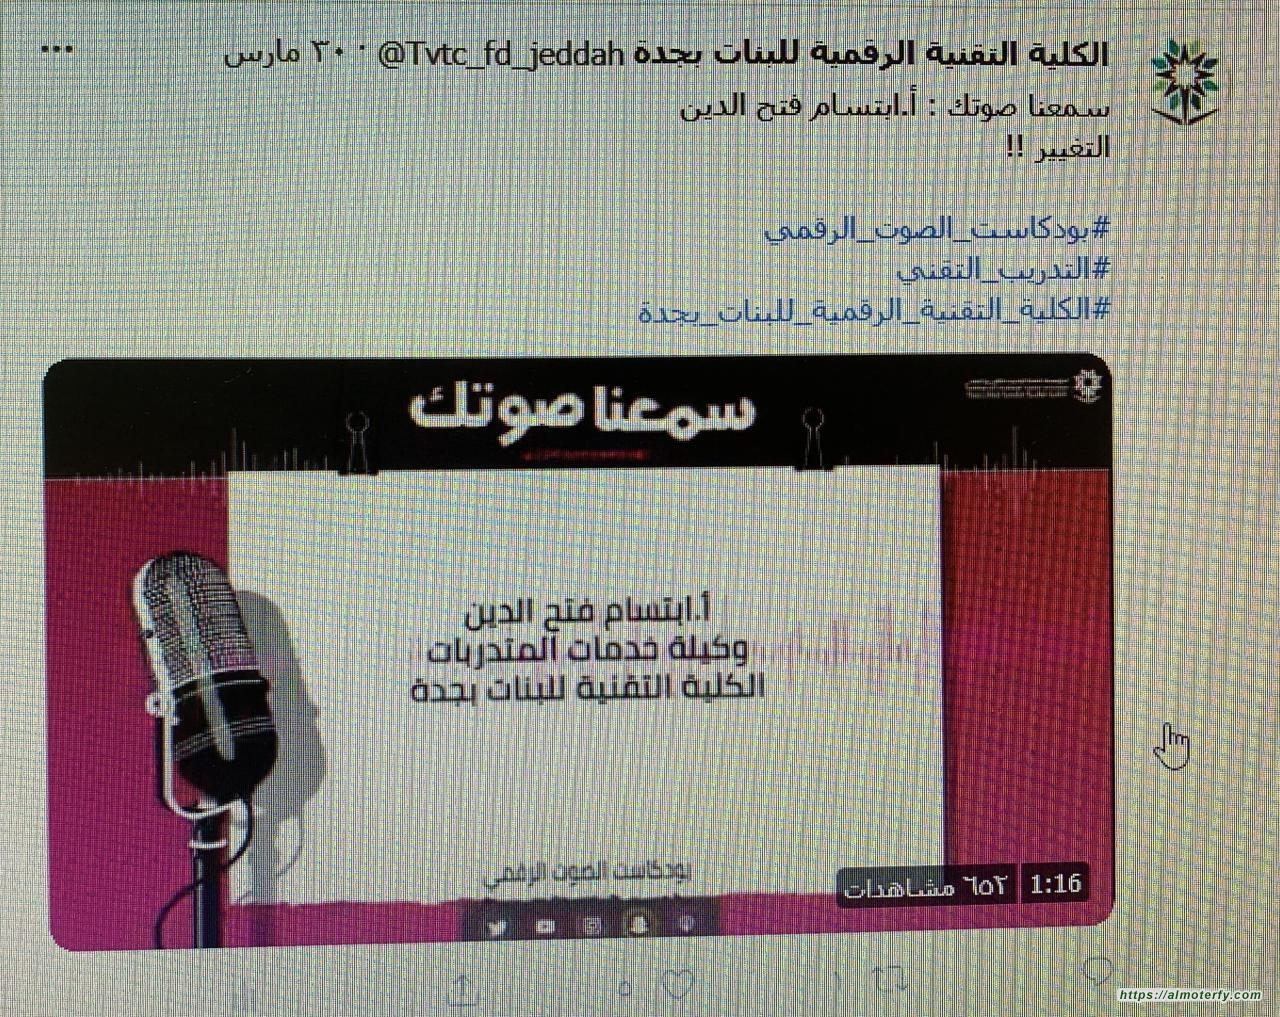 ماذا حقق بودكاست الصوت الرقمي خلال شهر من انطلاقه الكلية التقنية الرقمية للبنات في جدة